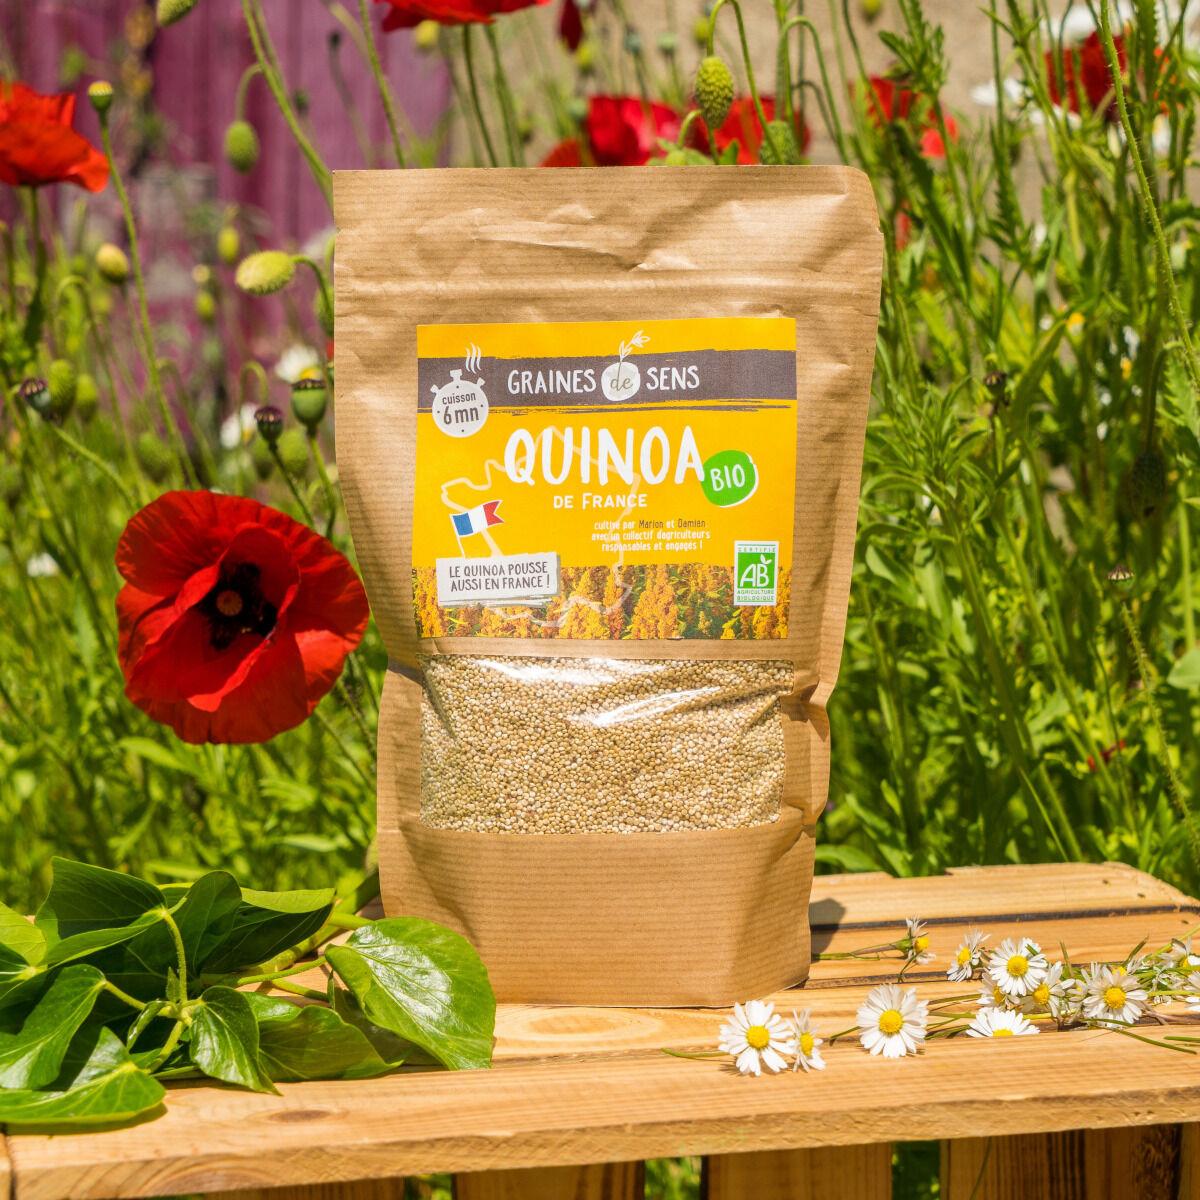 Sa Majesté la Graine Quinoa Blanc Bio Du Berry - Cuisson 6min - sachet 500 g